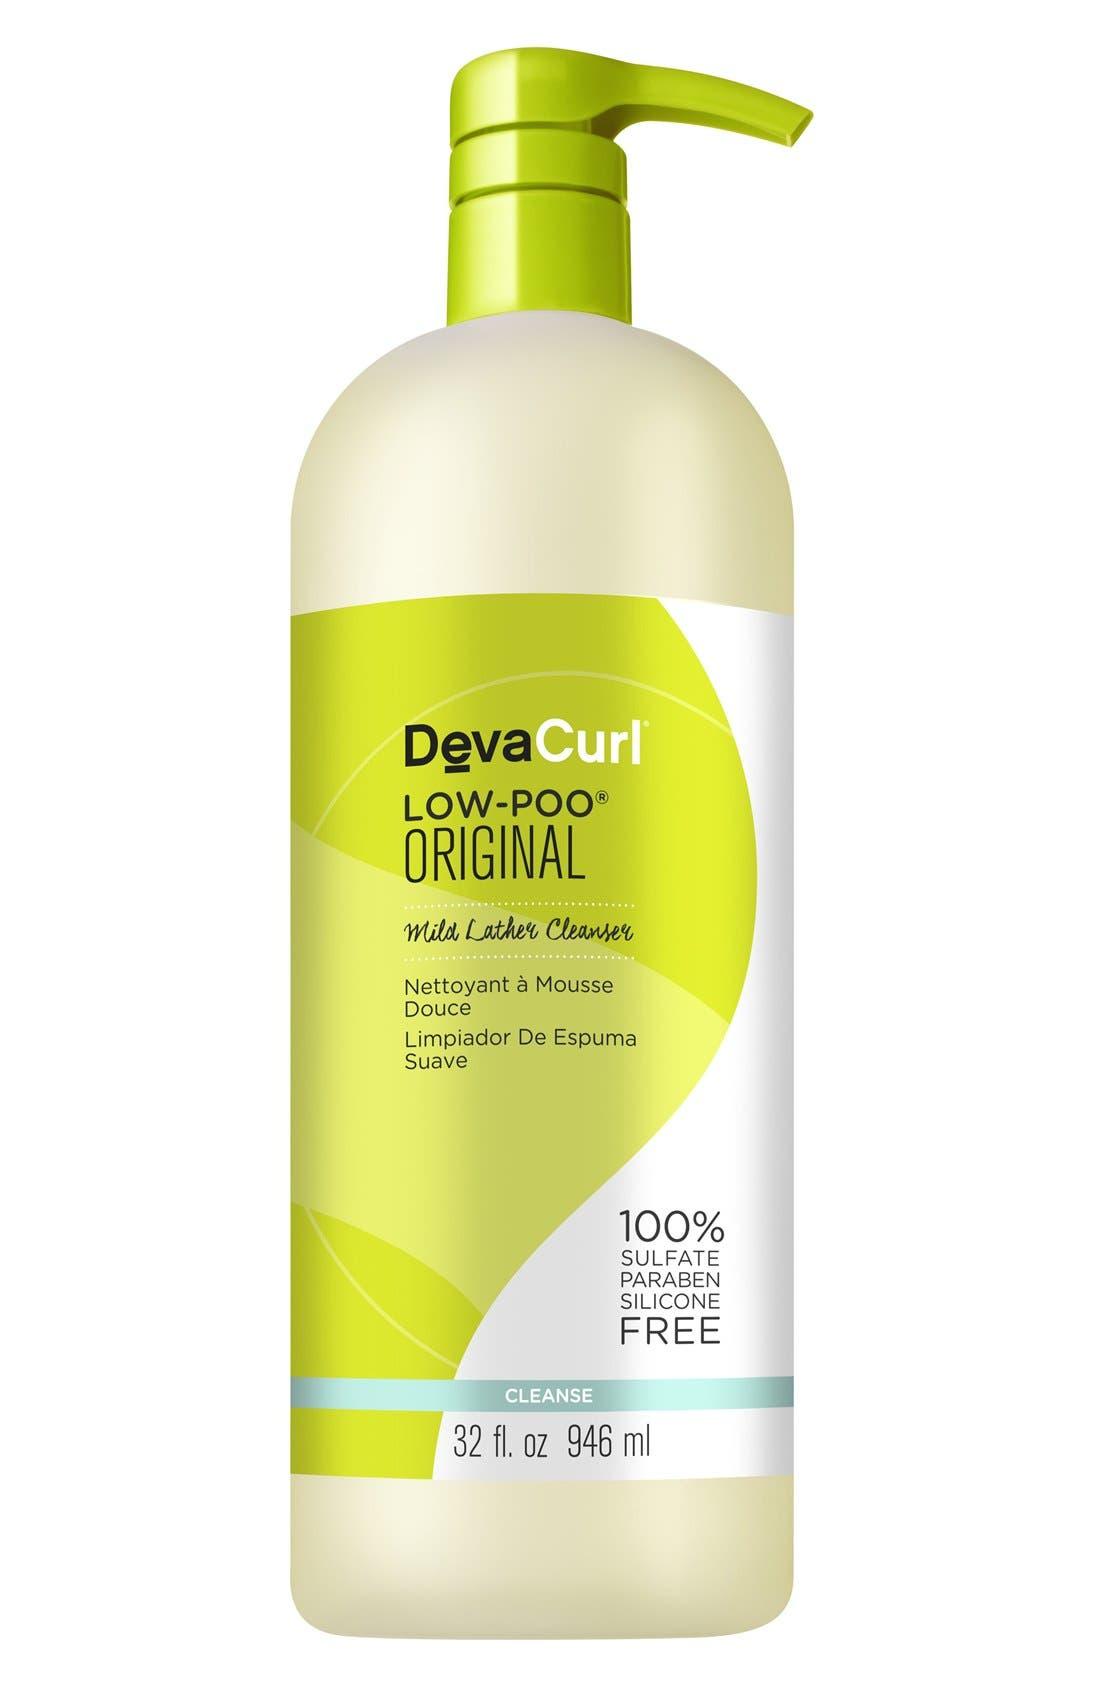 DevaCurl Low-Poo® Original Mild Lather Cleanser